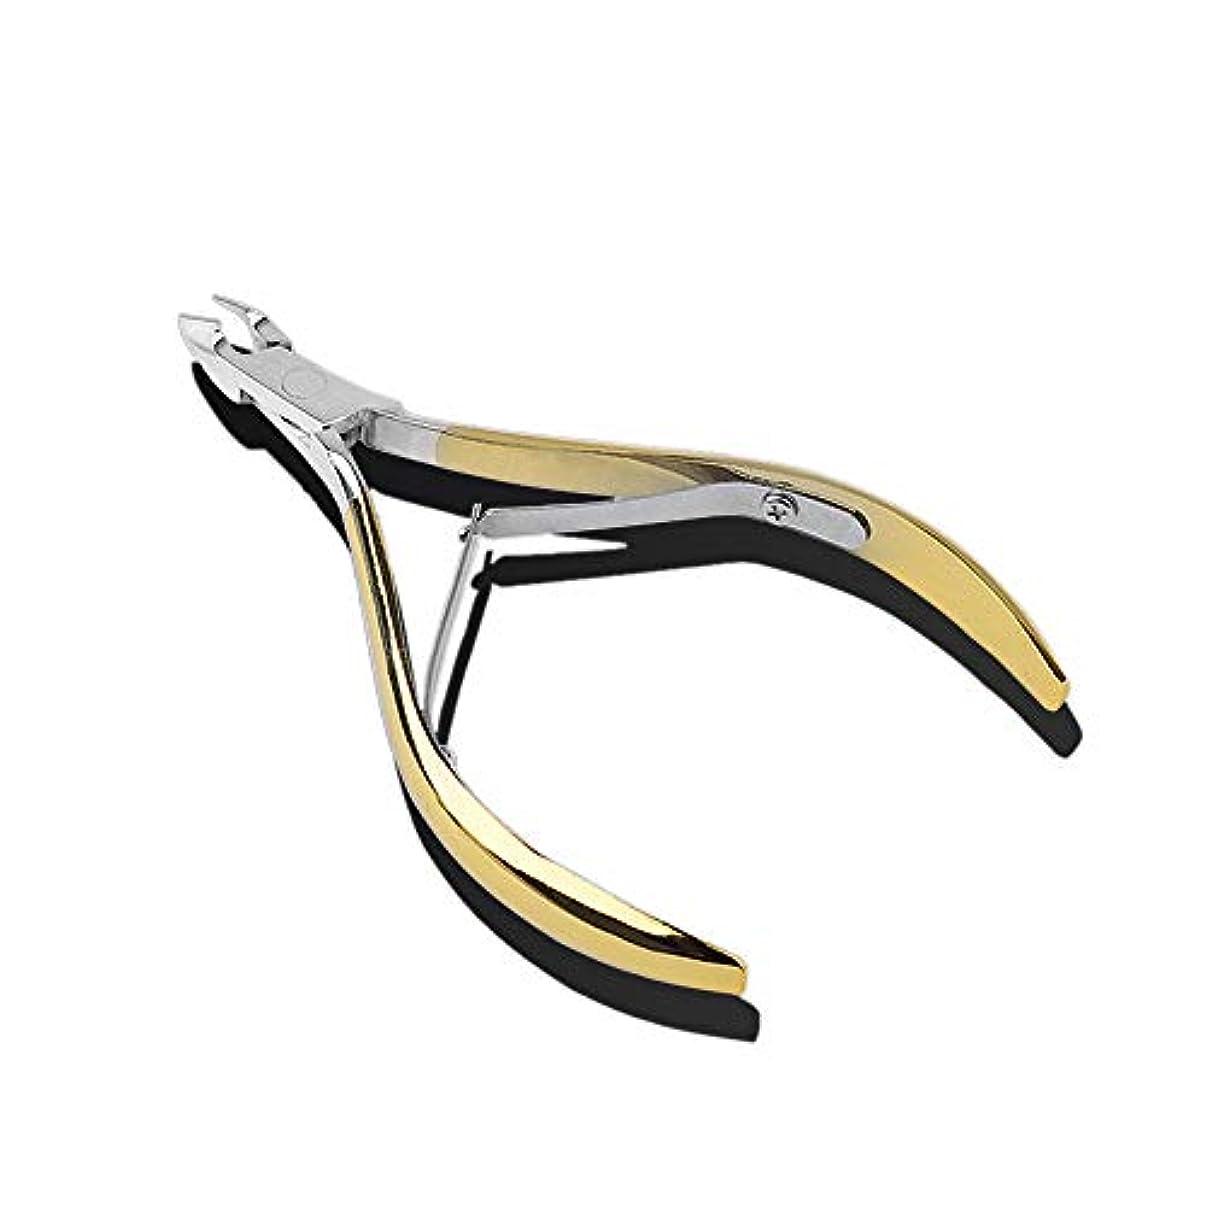 任意悪行弾丸ニッパー型爪切りステンレス鋼 爪切り ニッパーツメキリ最適 お年寄り 高齢者 医療 介護 あしまき、ゴールド